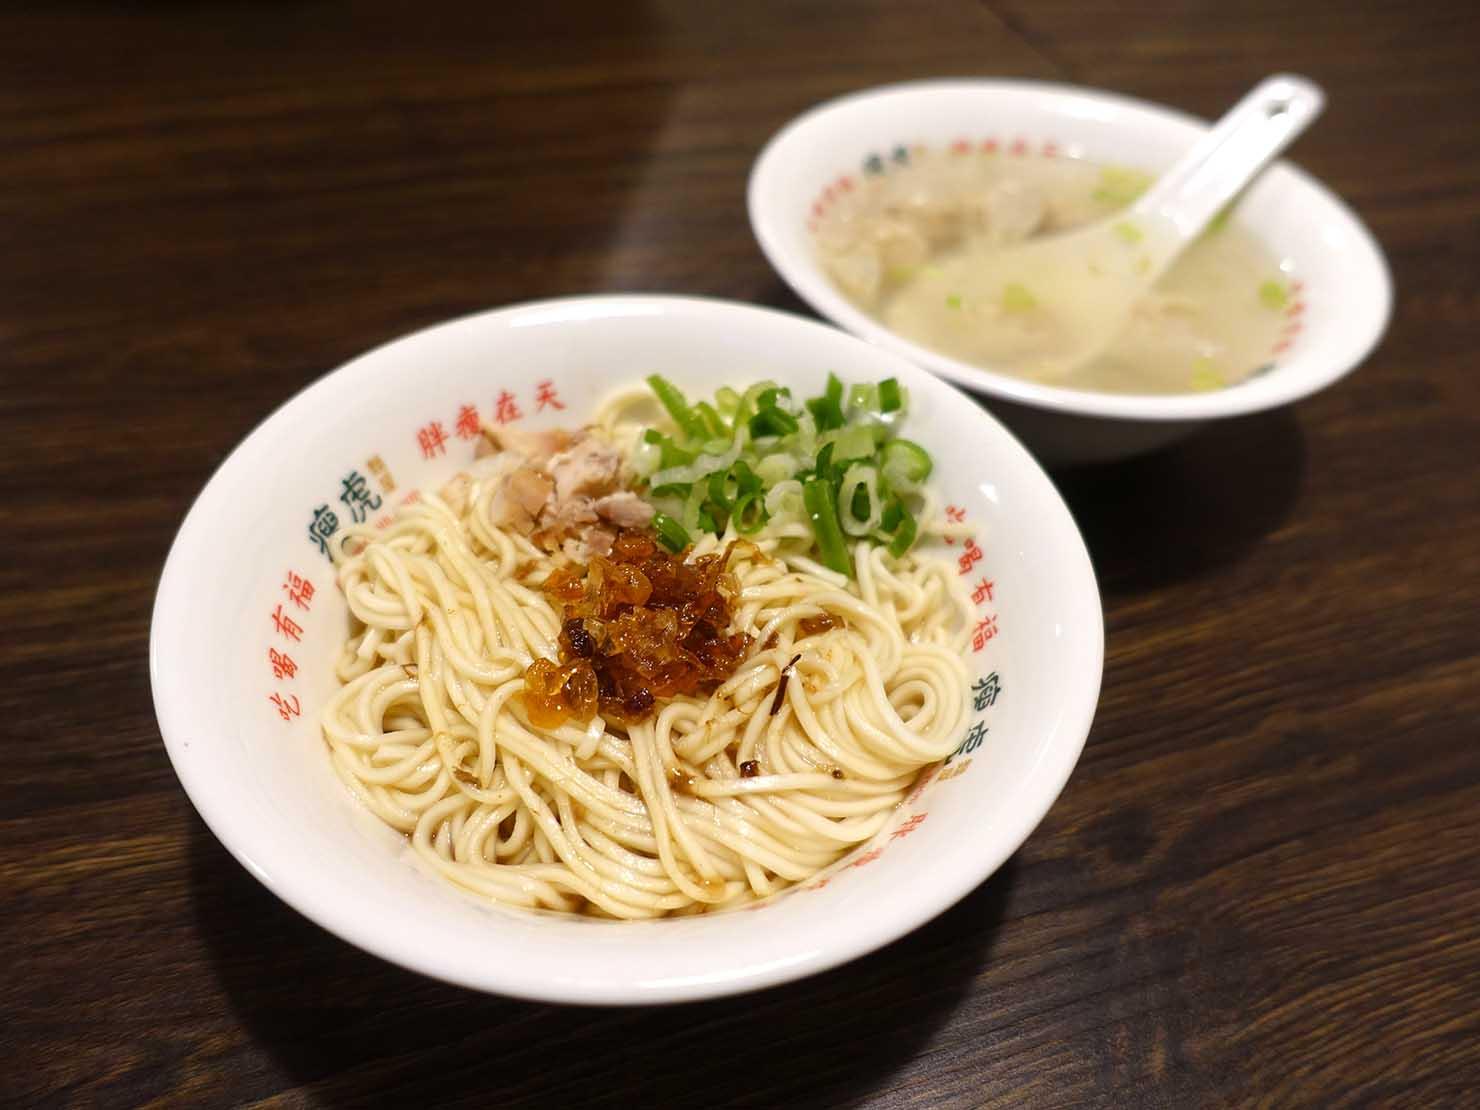 台北・忠孝敦化駅(東區)のおすすめグルメ店「瘦虎麵屋」の瘦虎乾拌麵